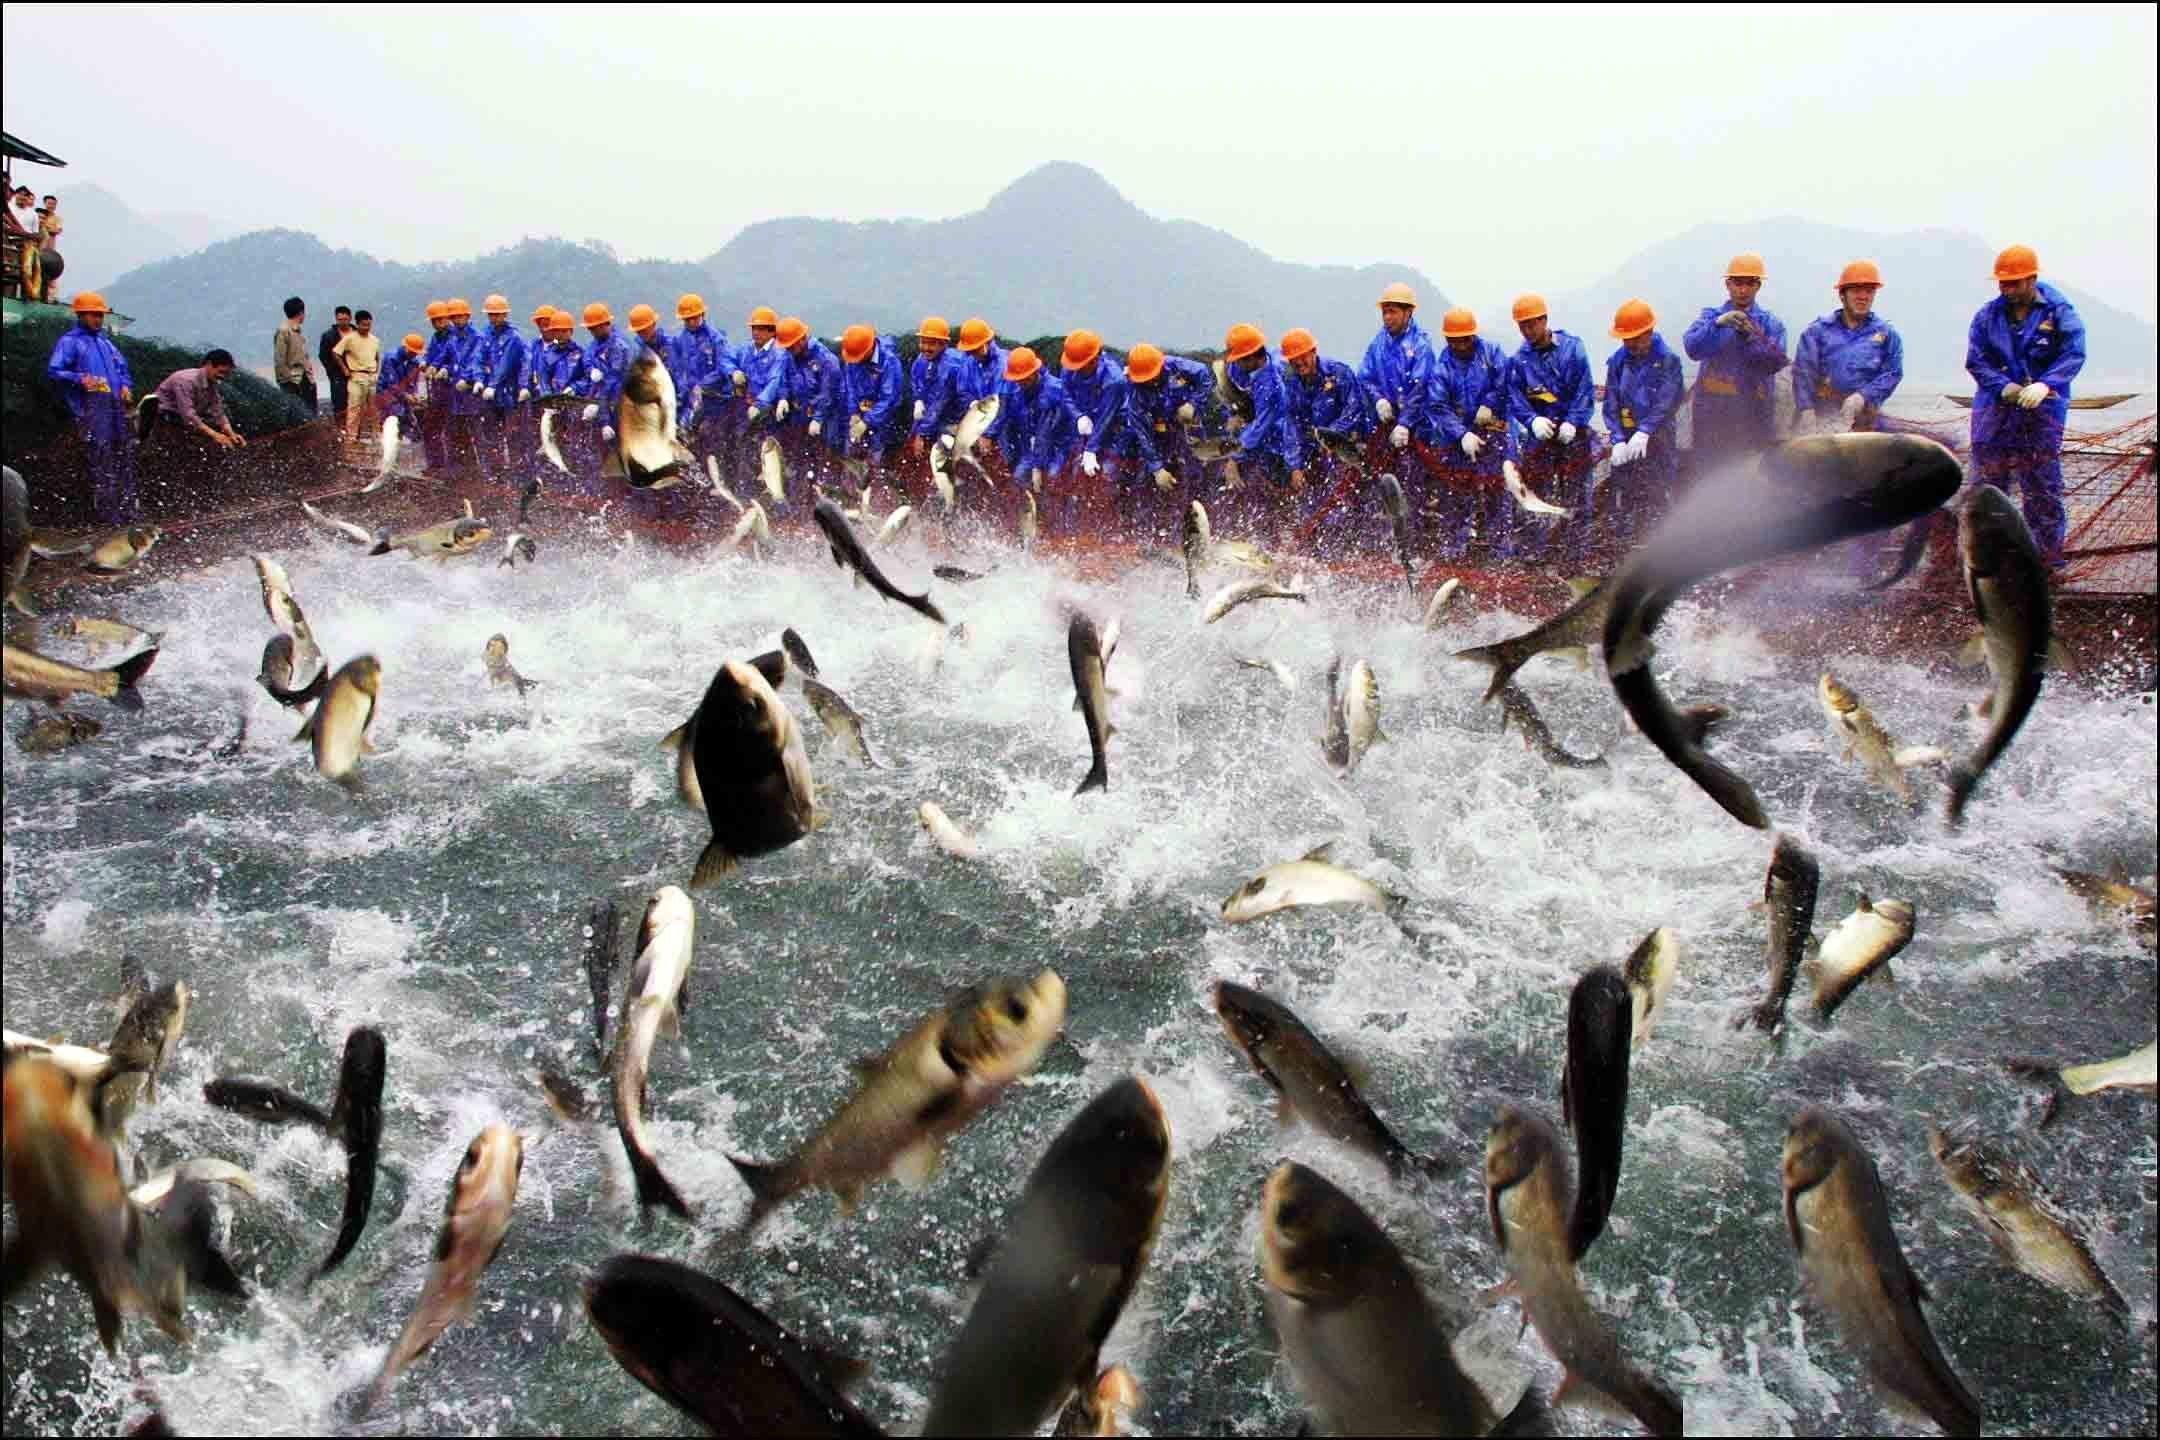 Fischfang im Thousand-island Lake in Chun'an City: nahezu idyllisch mutet das Bild von 2003 an.Entlang der chinesischen Küsten fürchten Fischer inzwischen um ihre Beute. Immer mehr flache Stellen werden zwecks Landgewinnung zubetoniert.